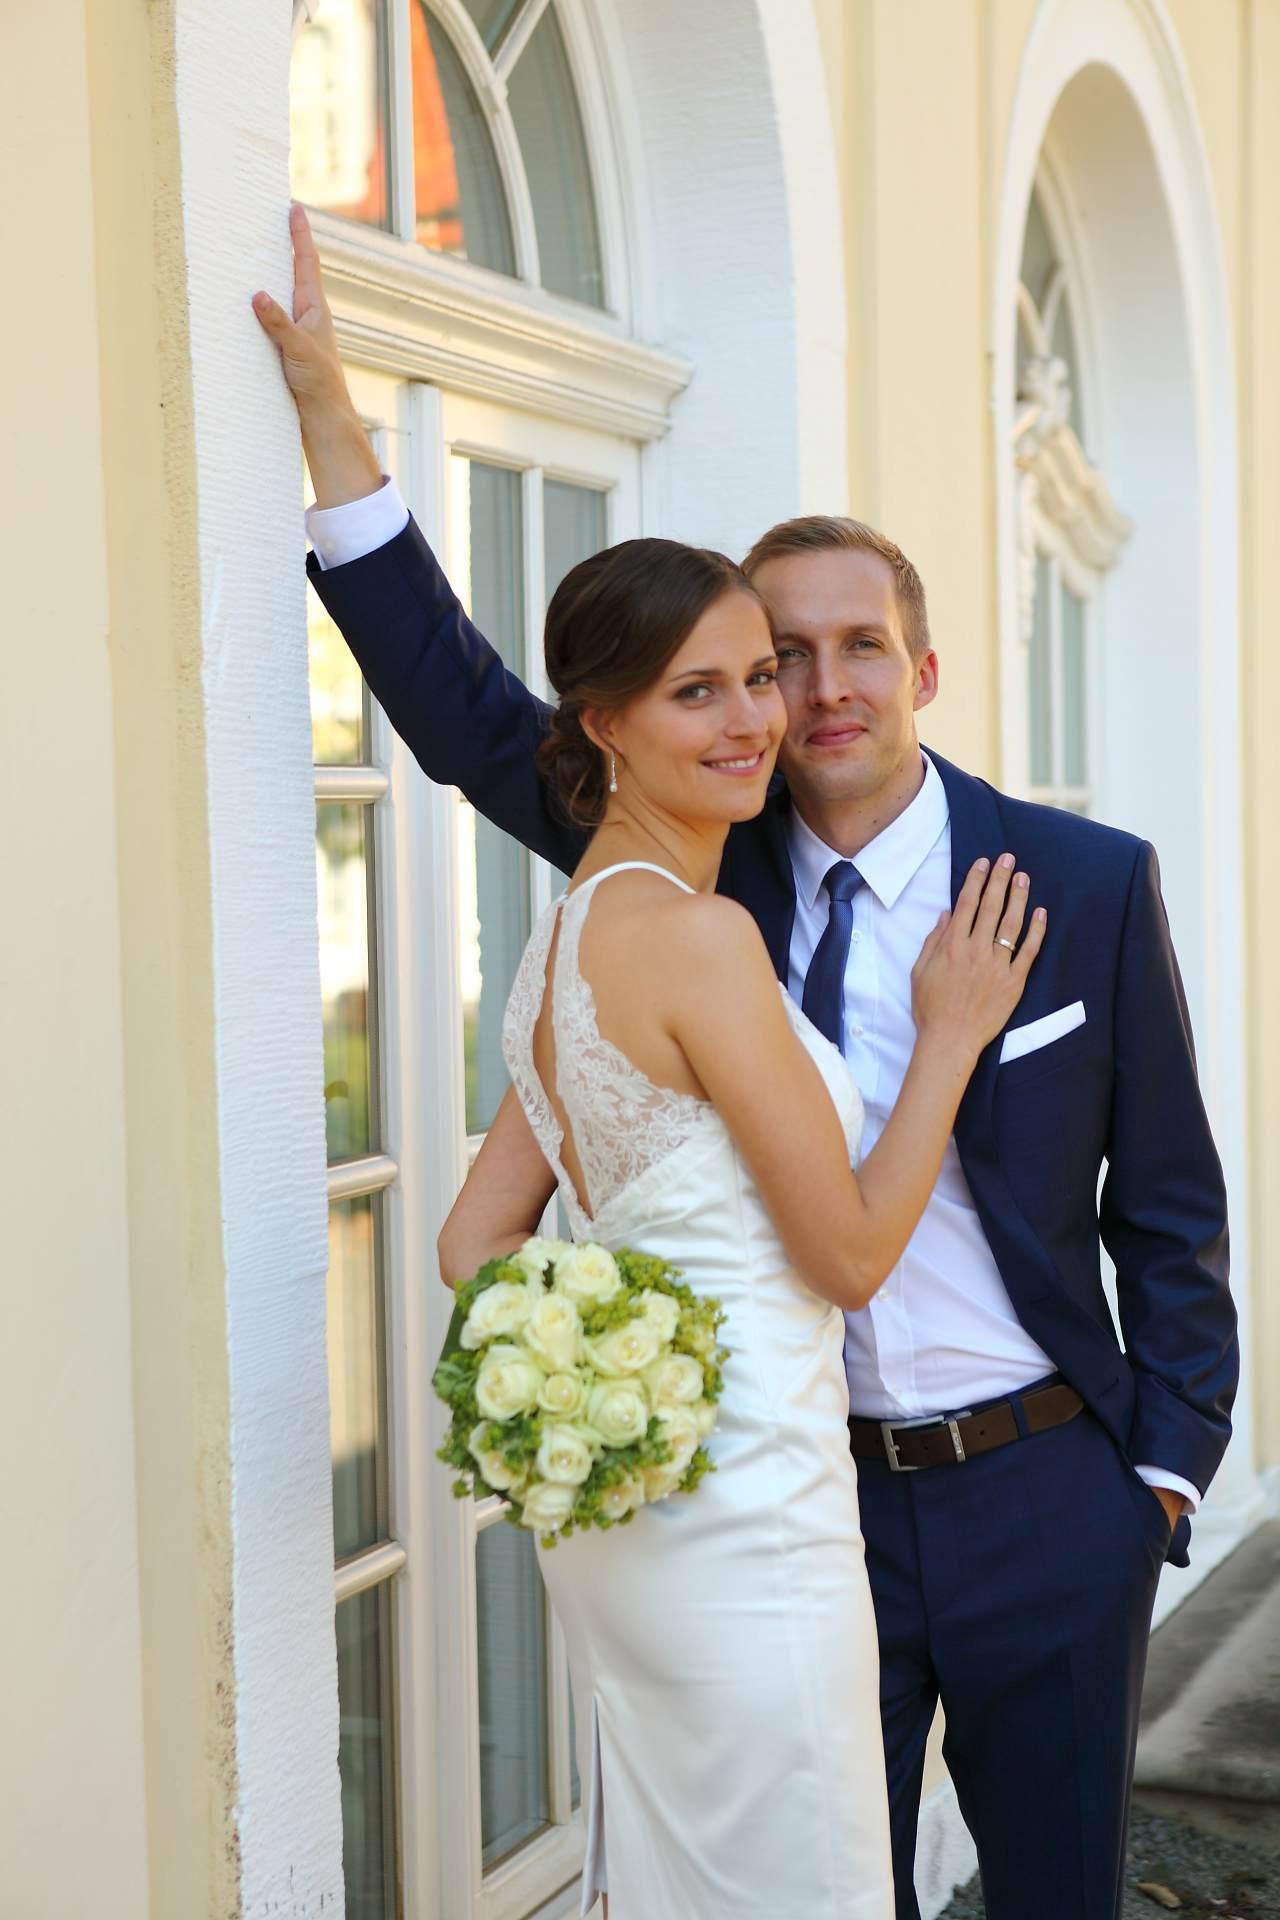 Hochzeitsfotos in Leipzig - Hochzeitspaar lehnt an der Mauer und schaut in Kamera